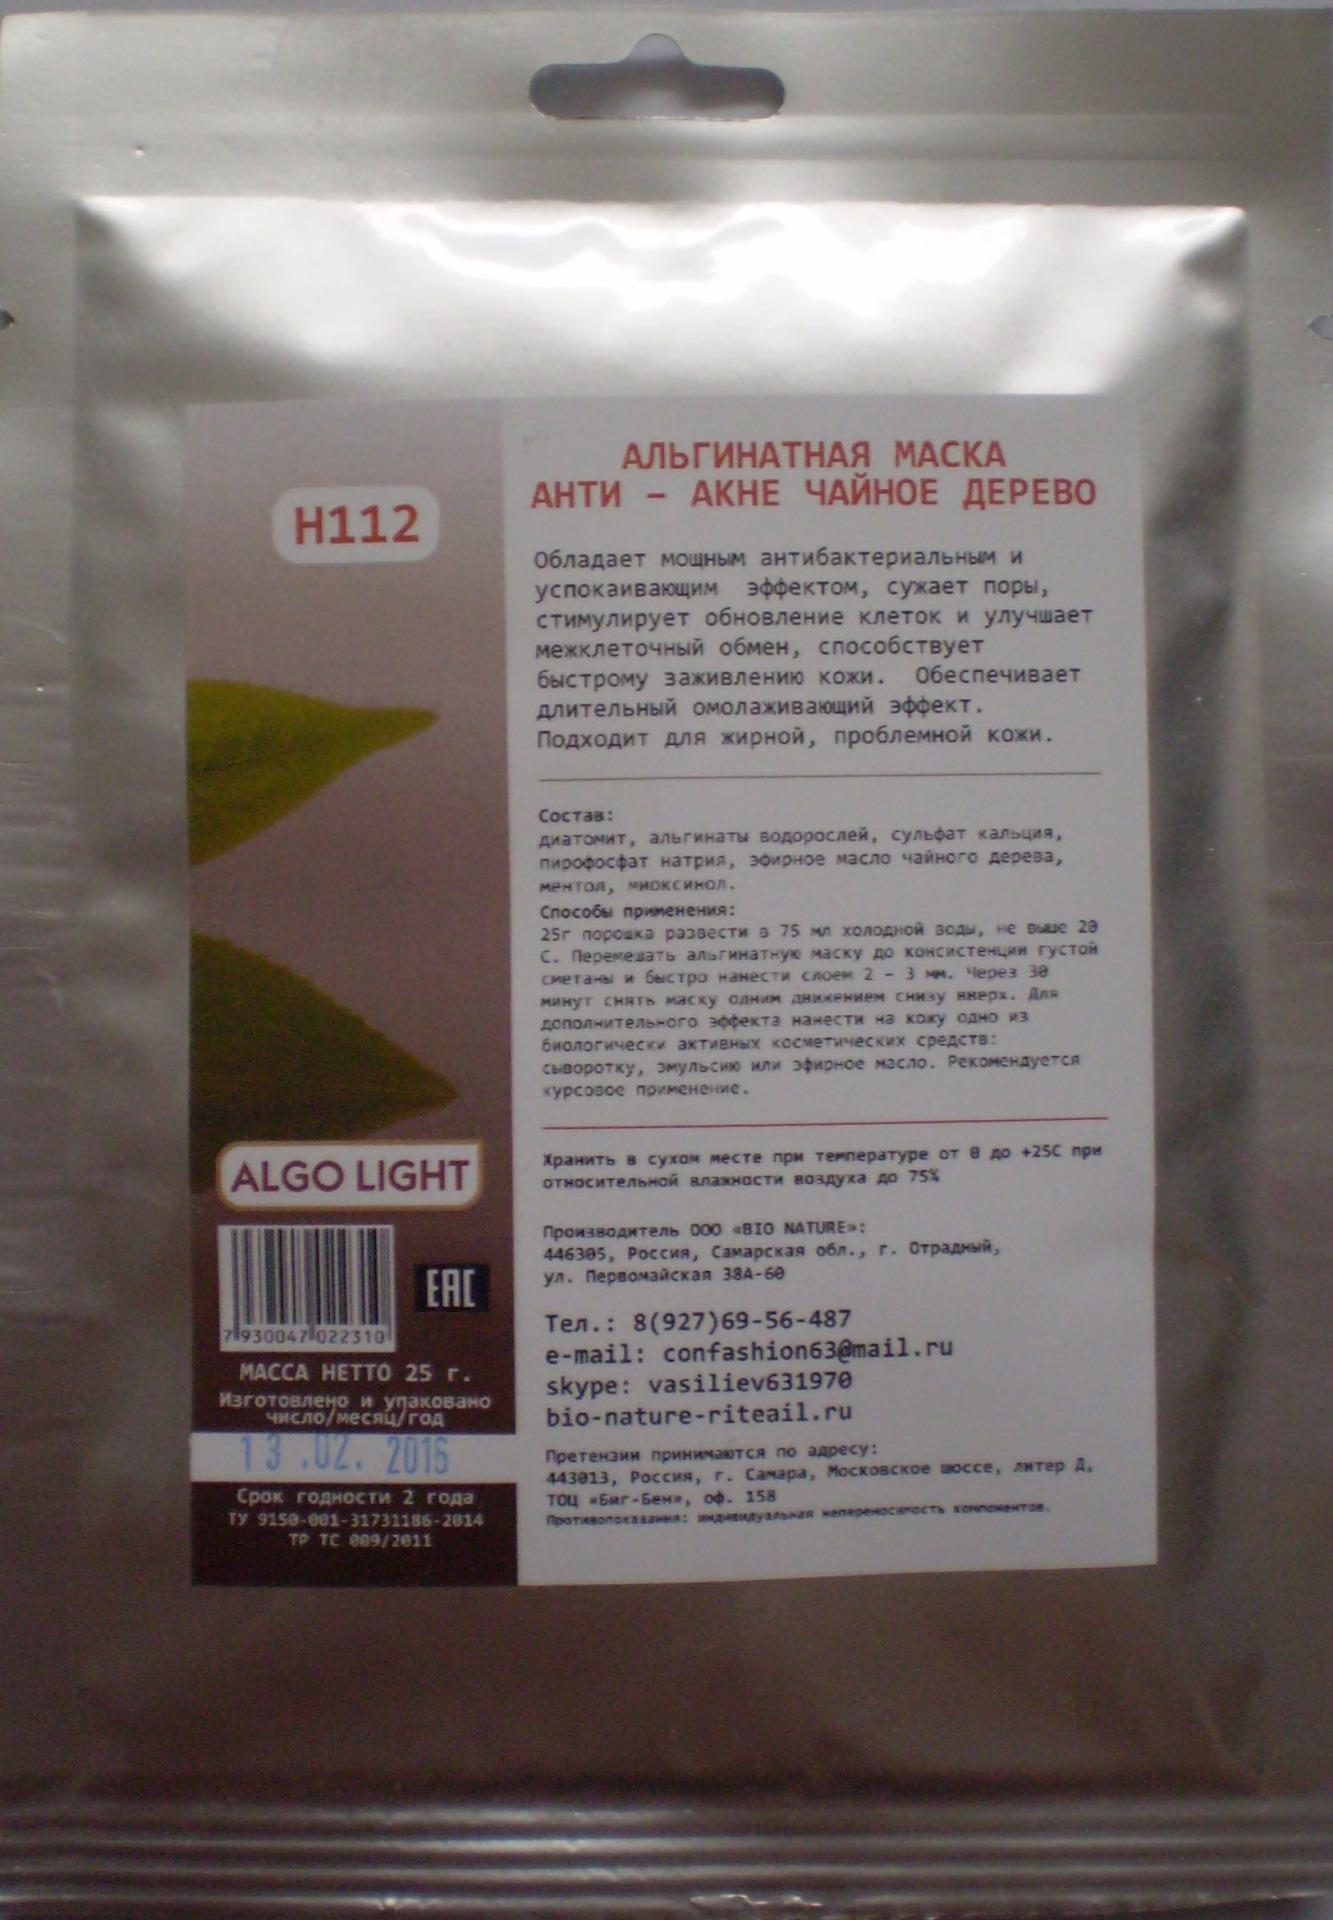 ALGO LIGHT Маска анти-акне, чайное дерево / ALGO LIGHT 25 г